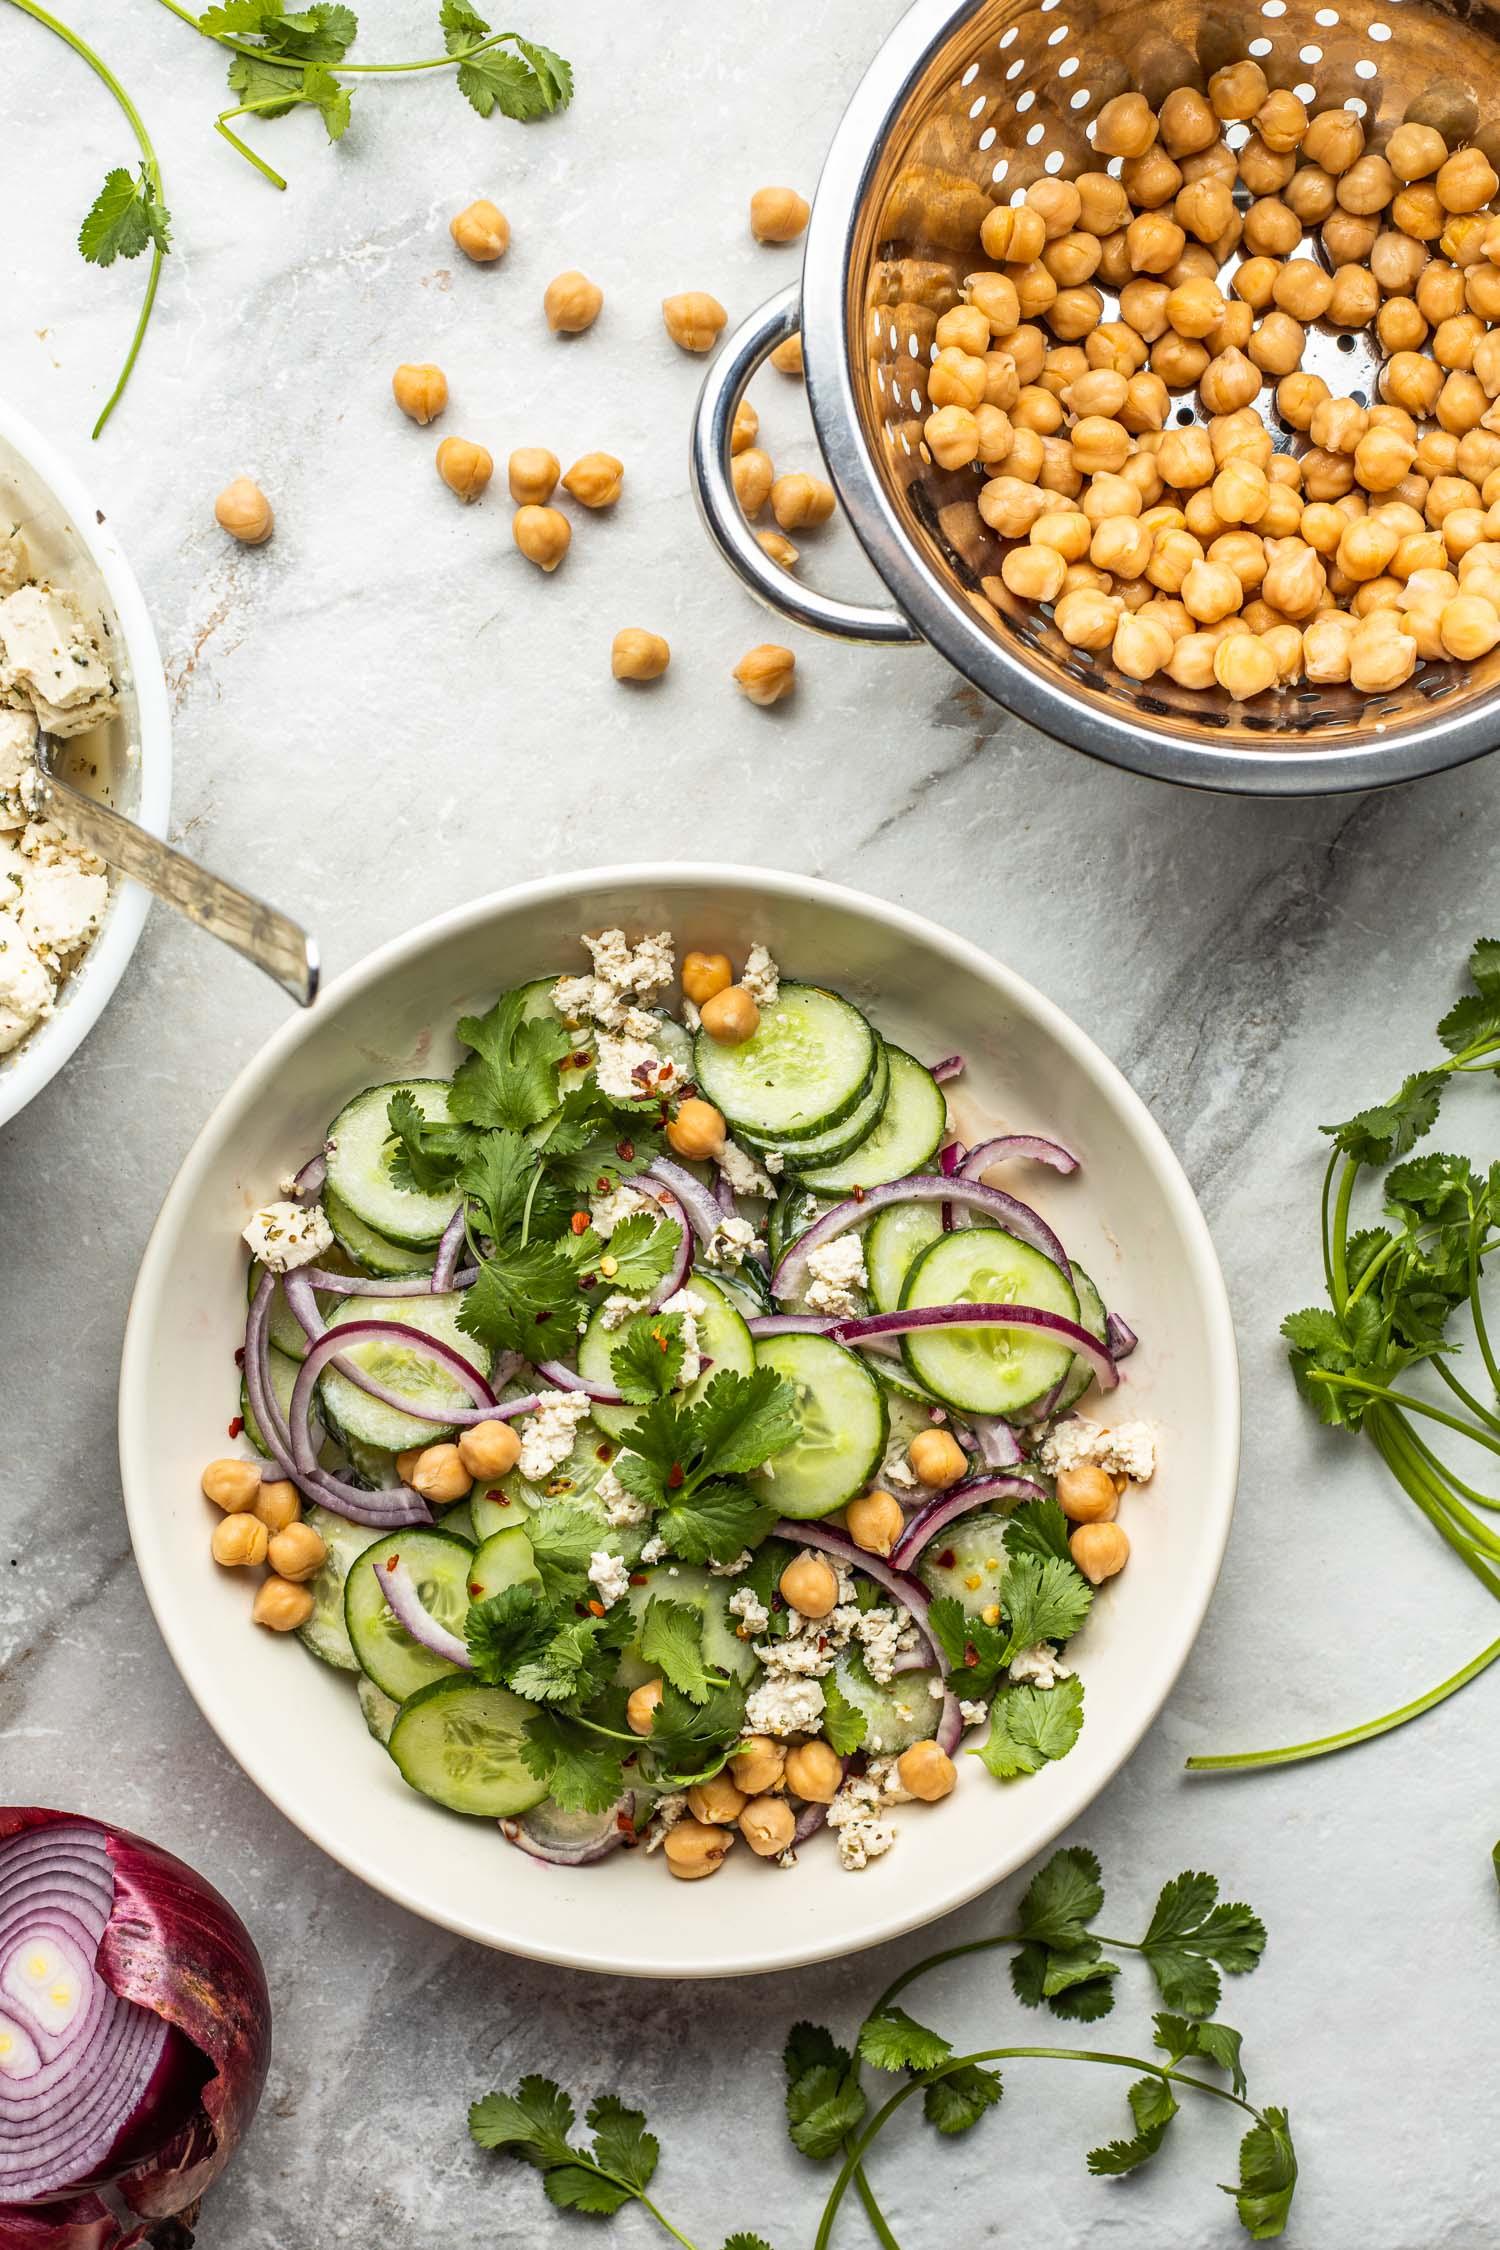 vegan cucumber salad recipe, chickpeas